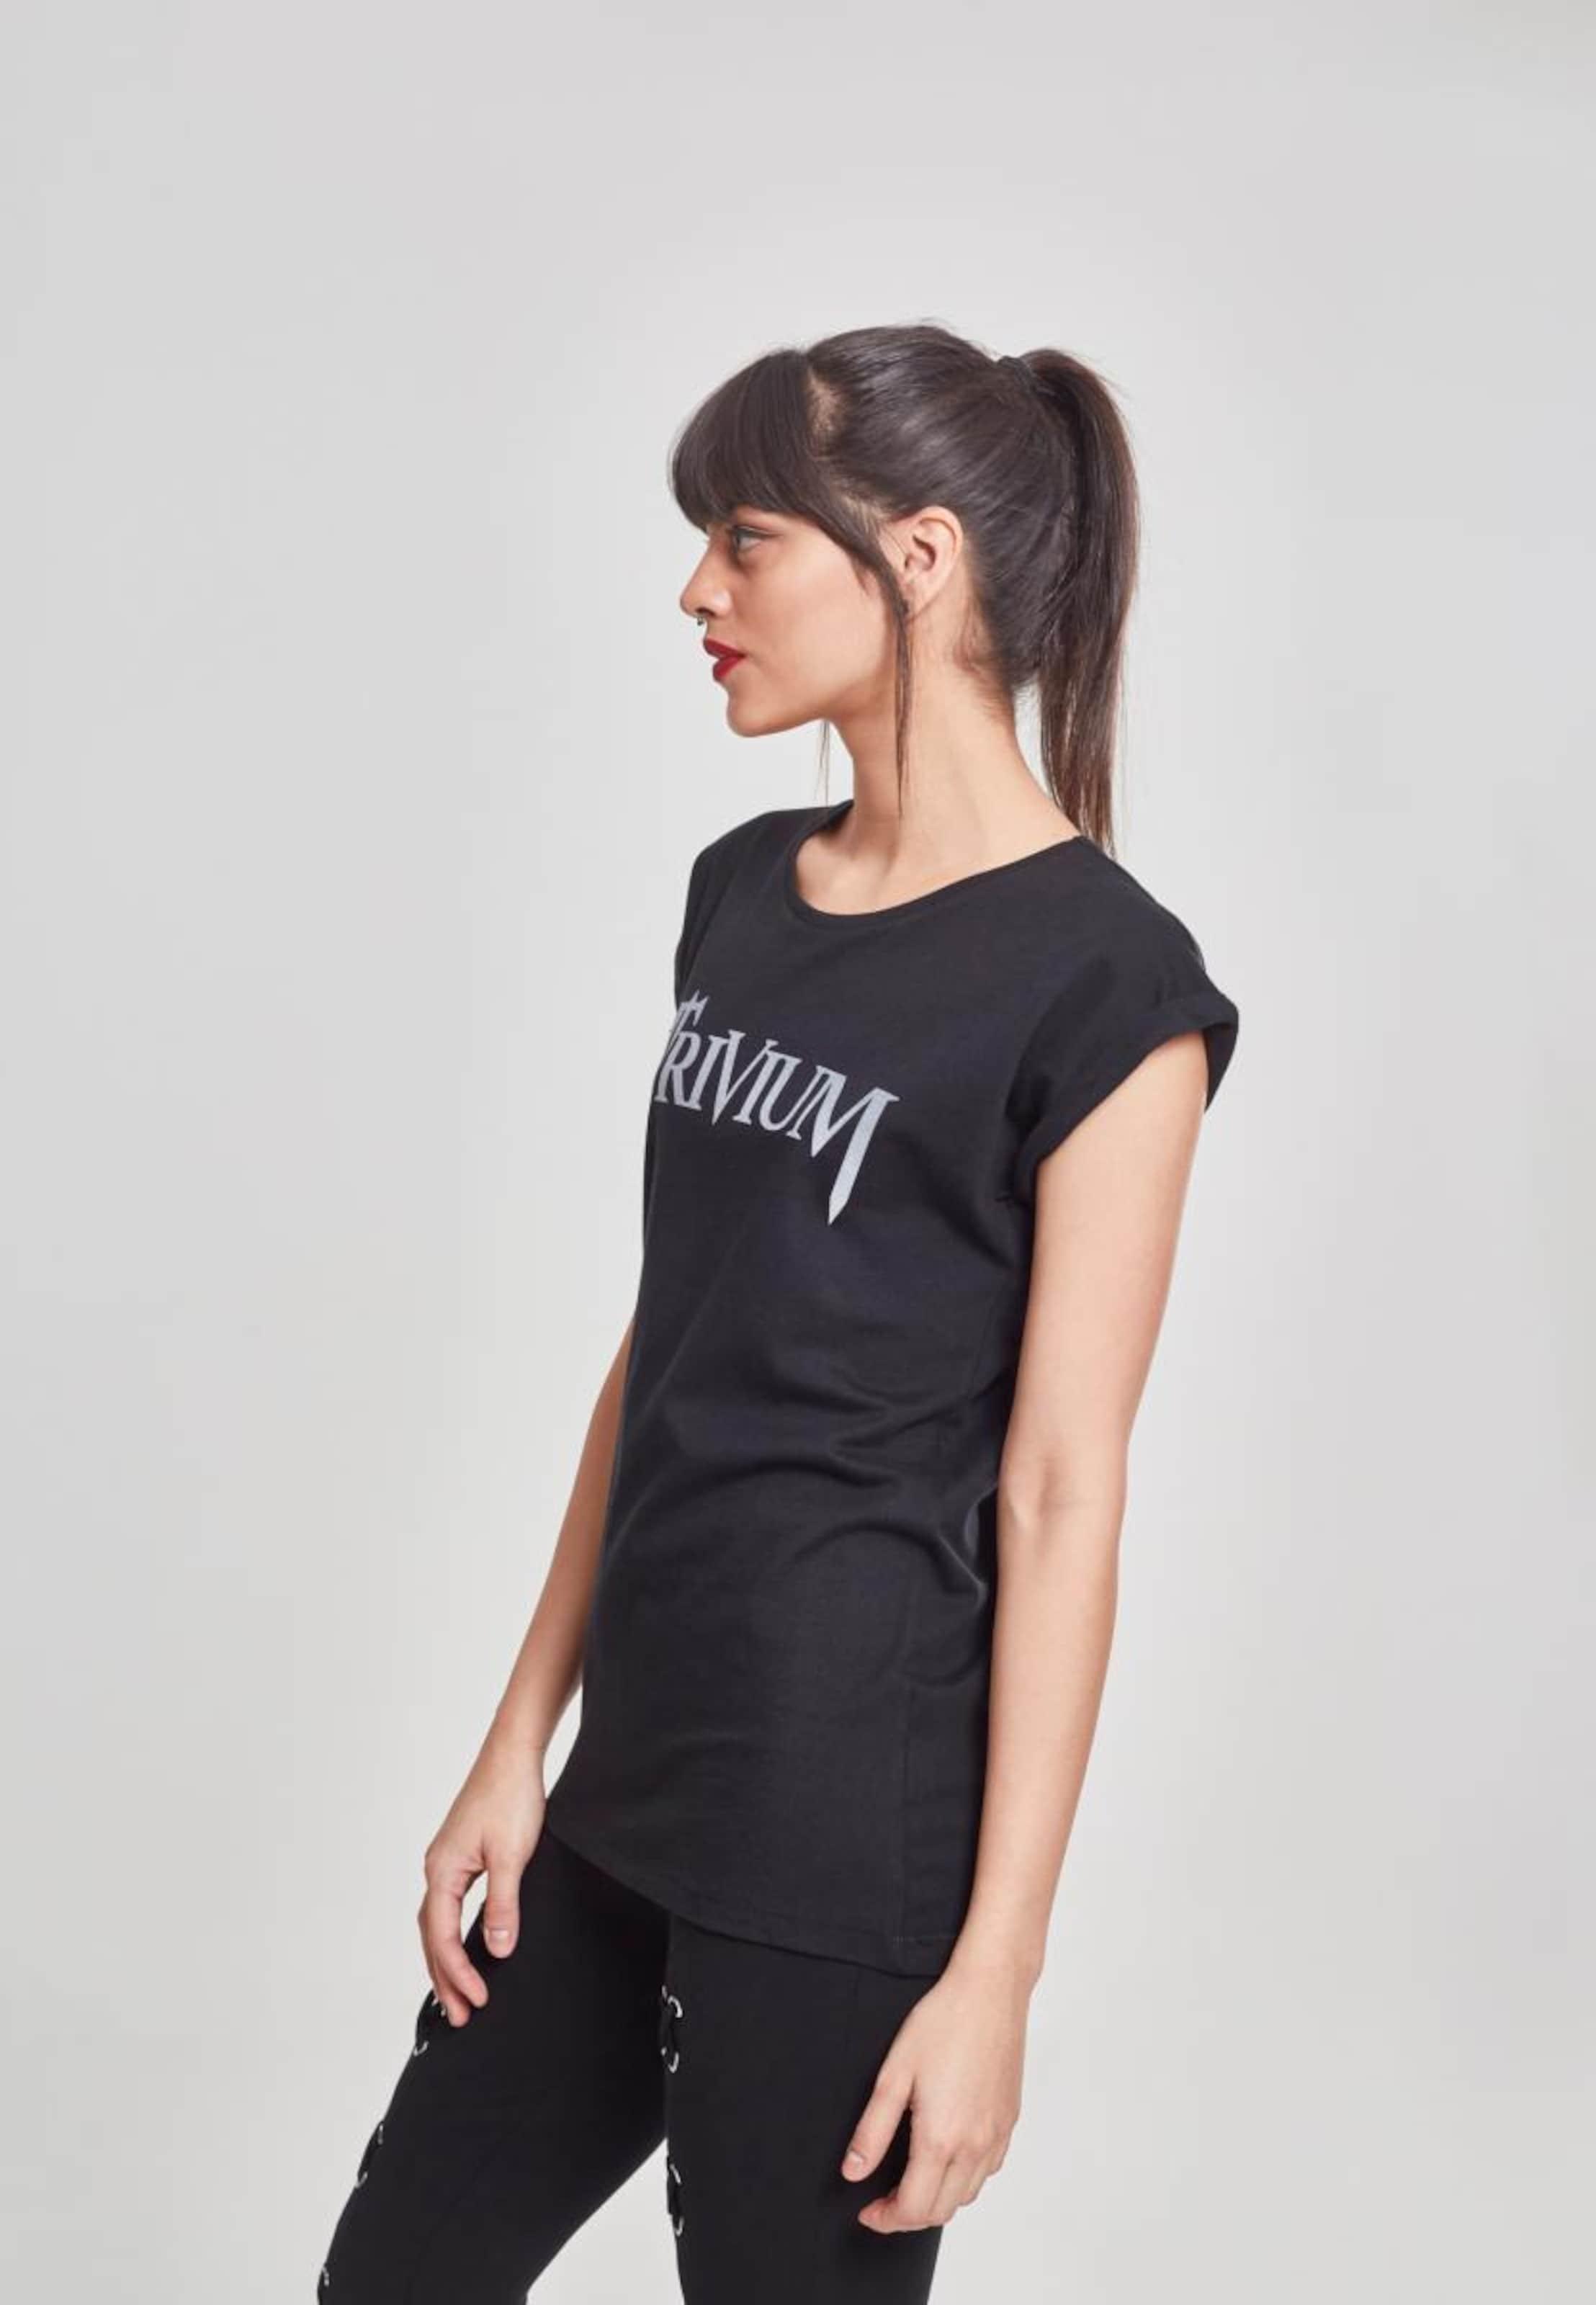 Merchcode 'trivium' In Schwarz T shirt WIEYH2D9